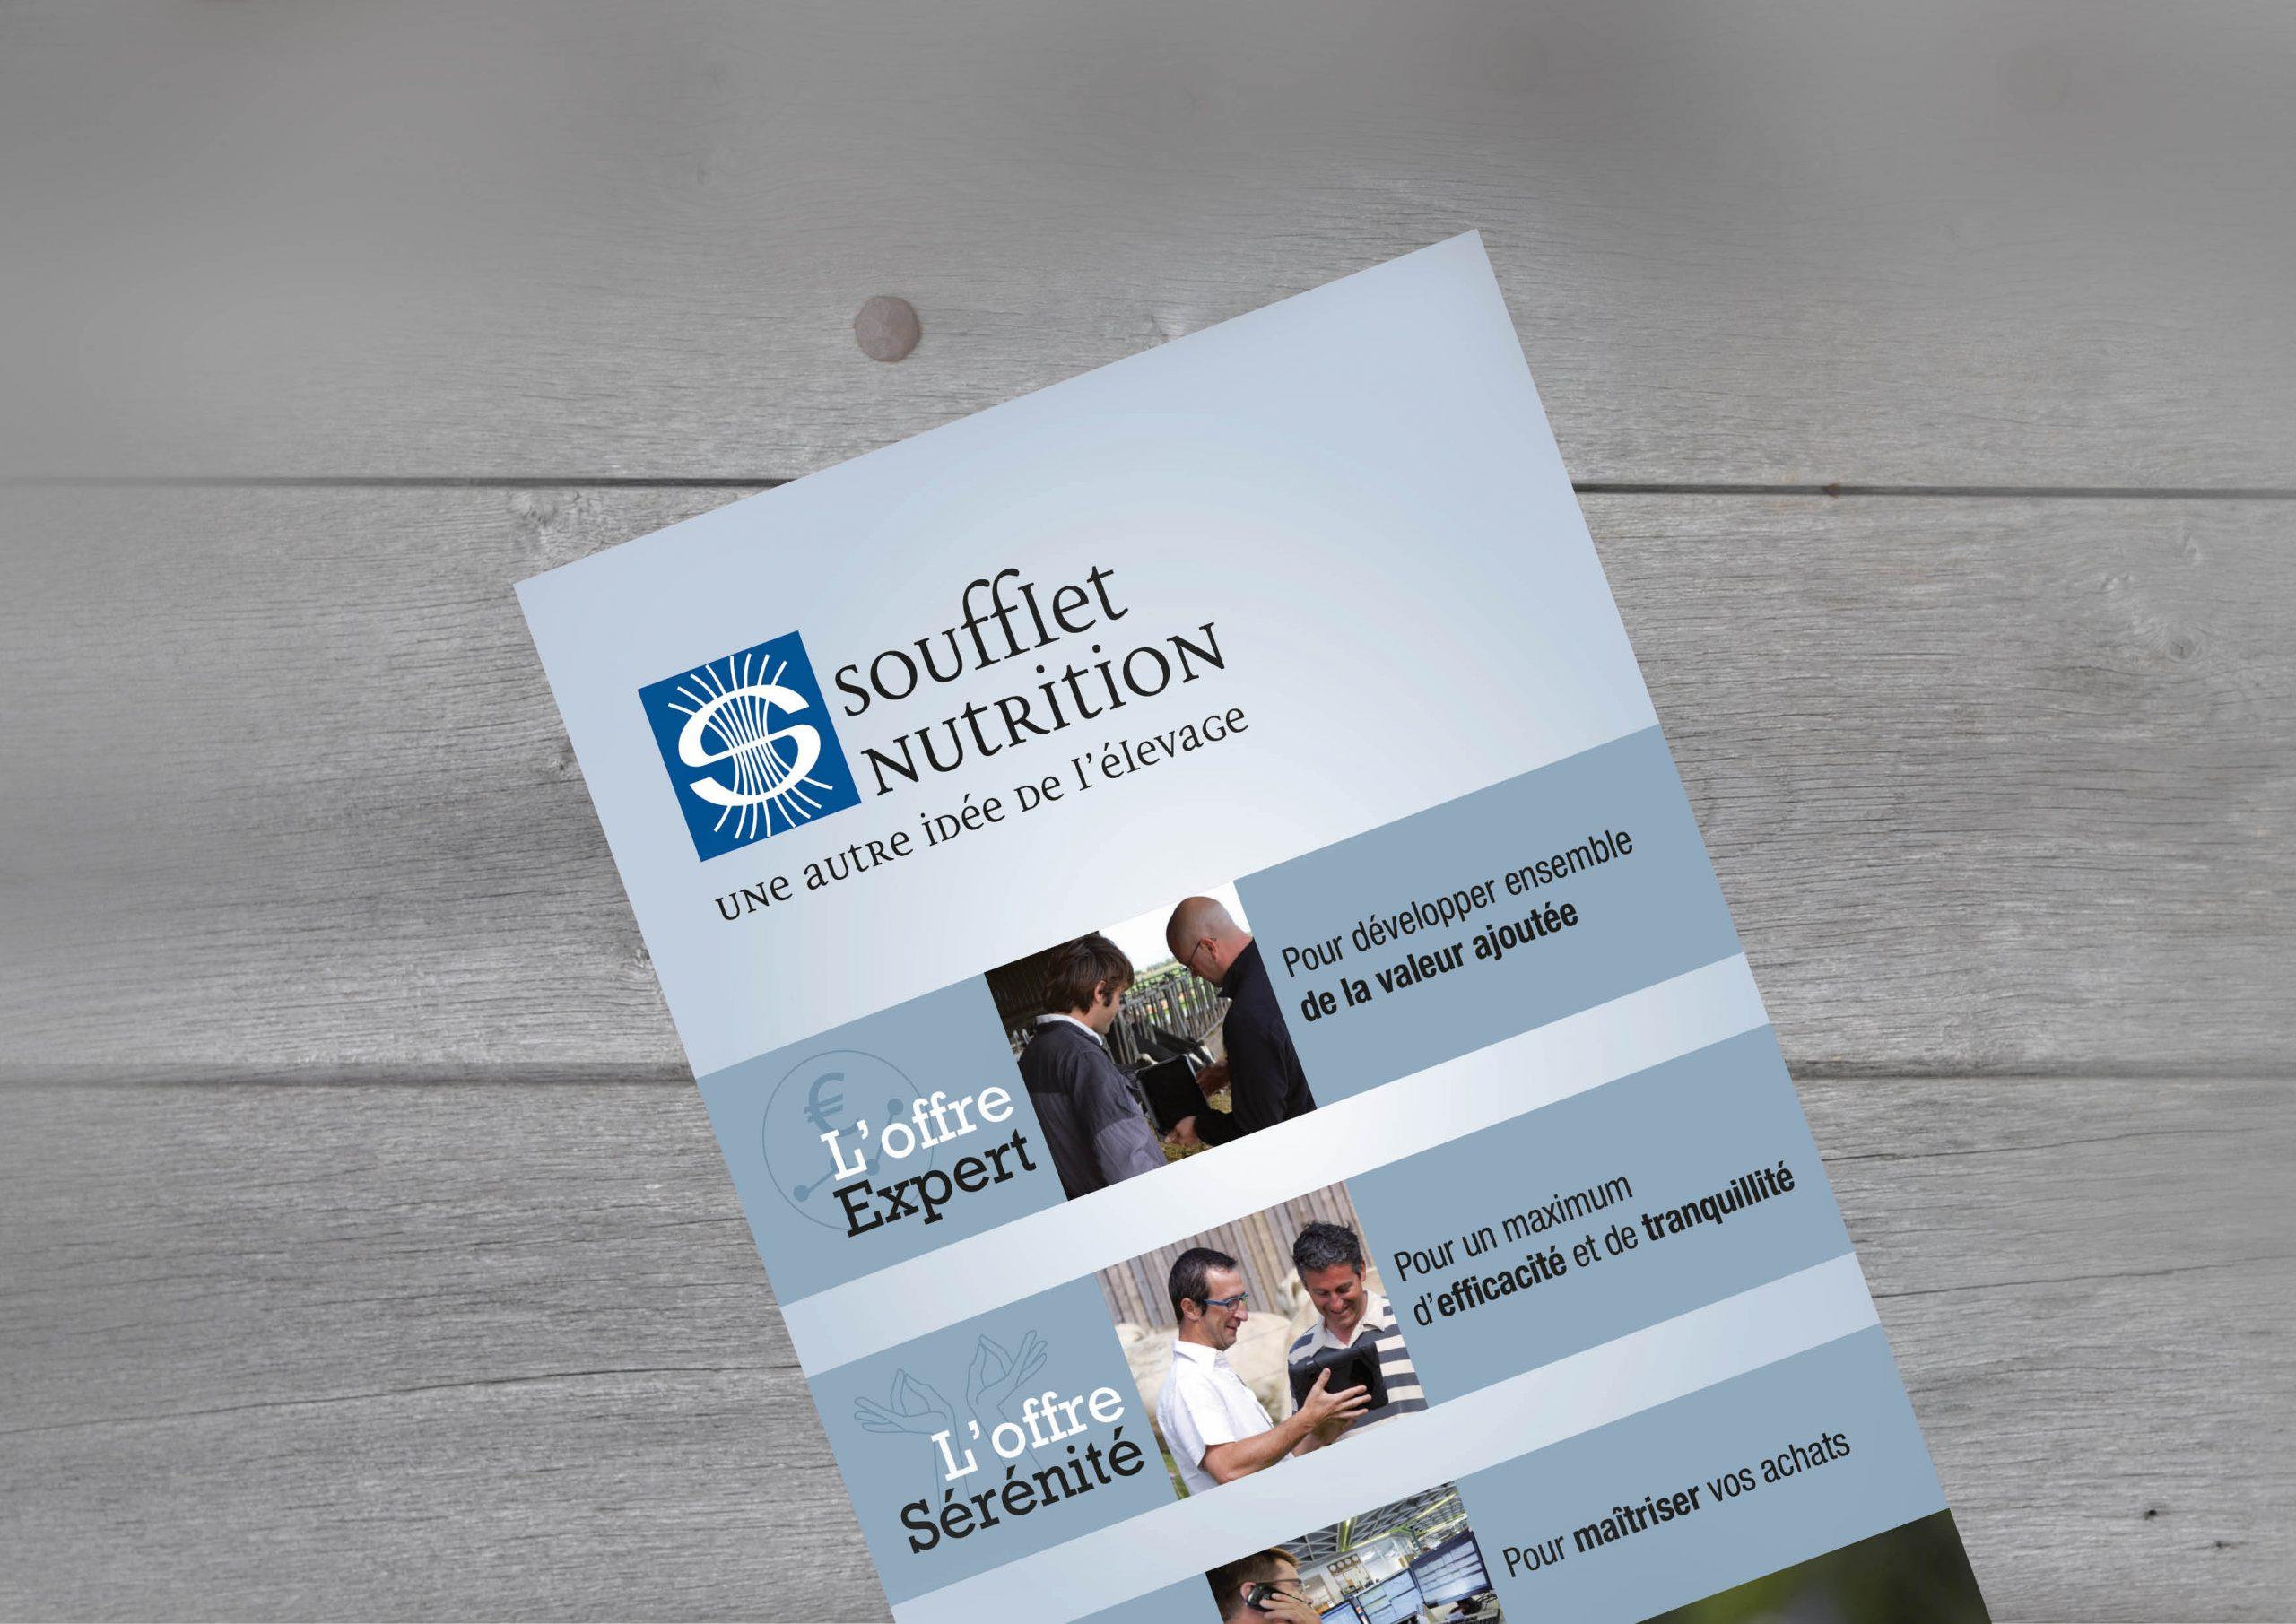 Soufflet-totem-header2-e1527518509963